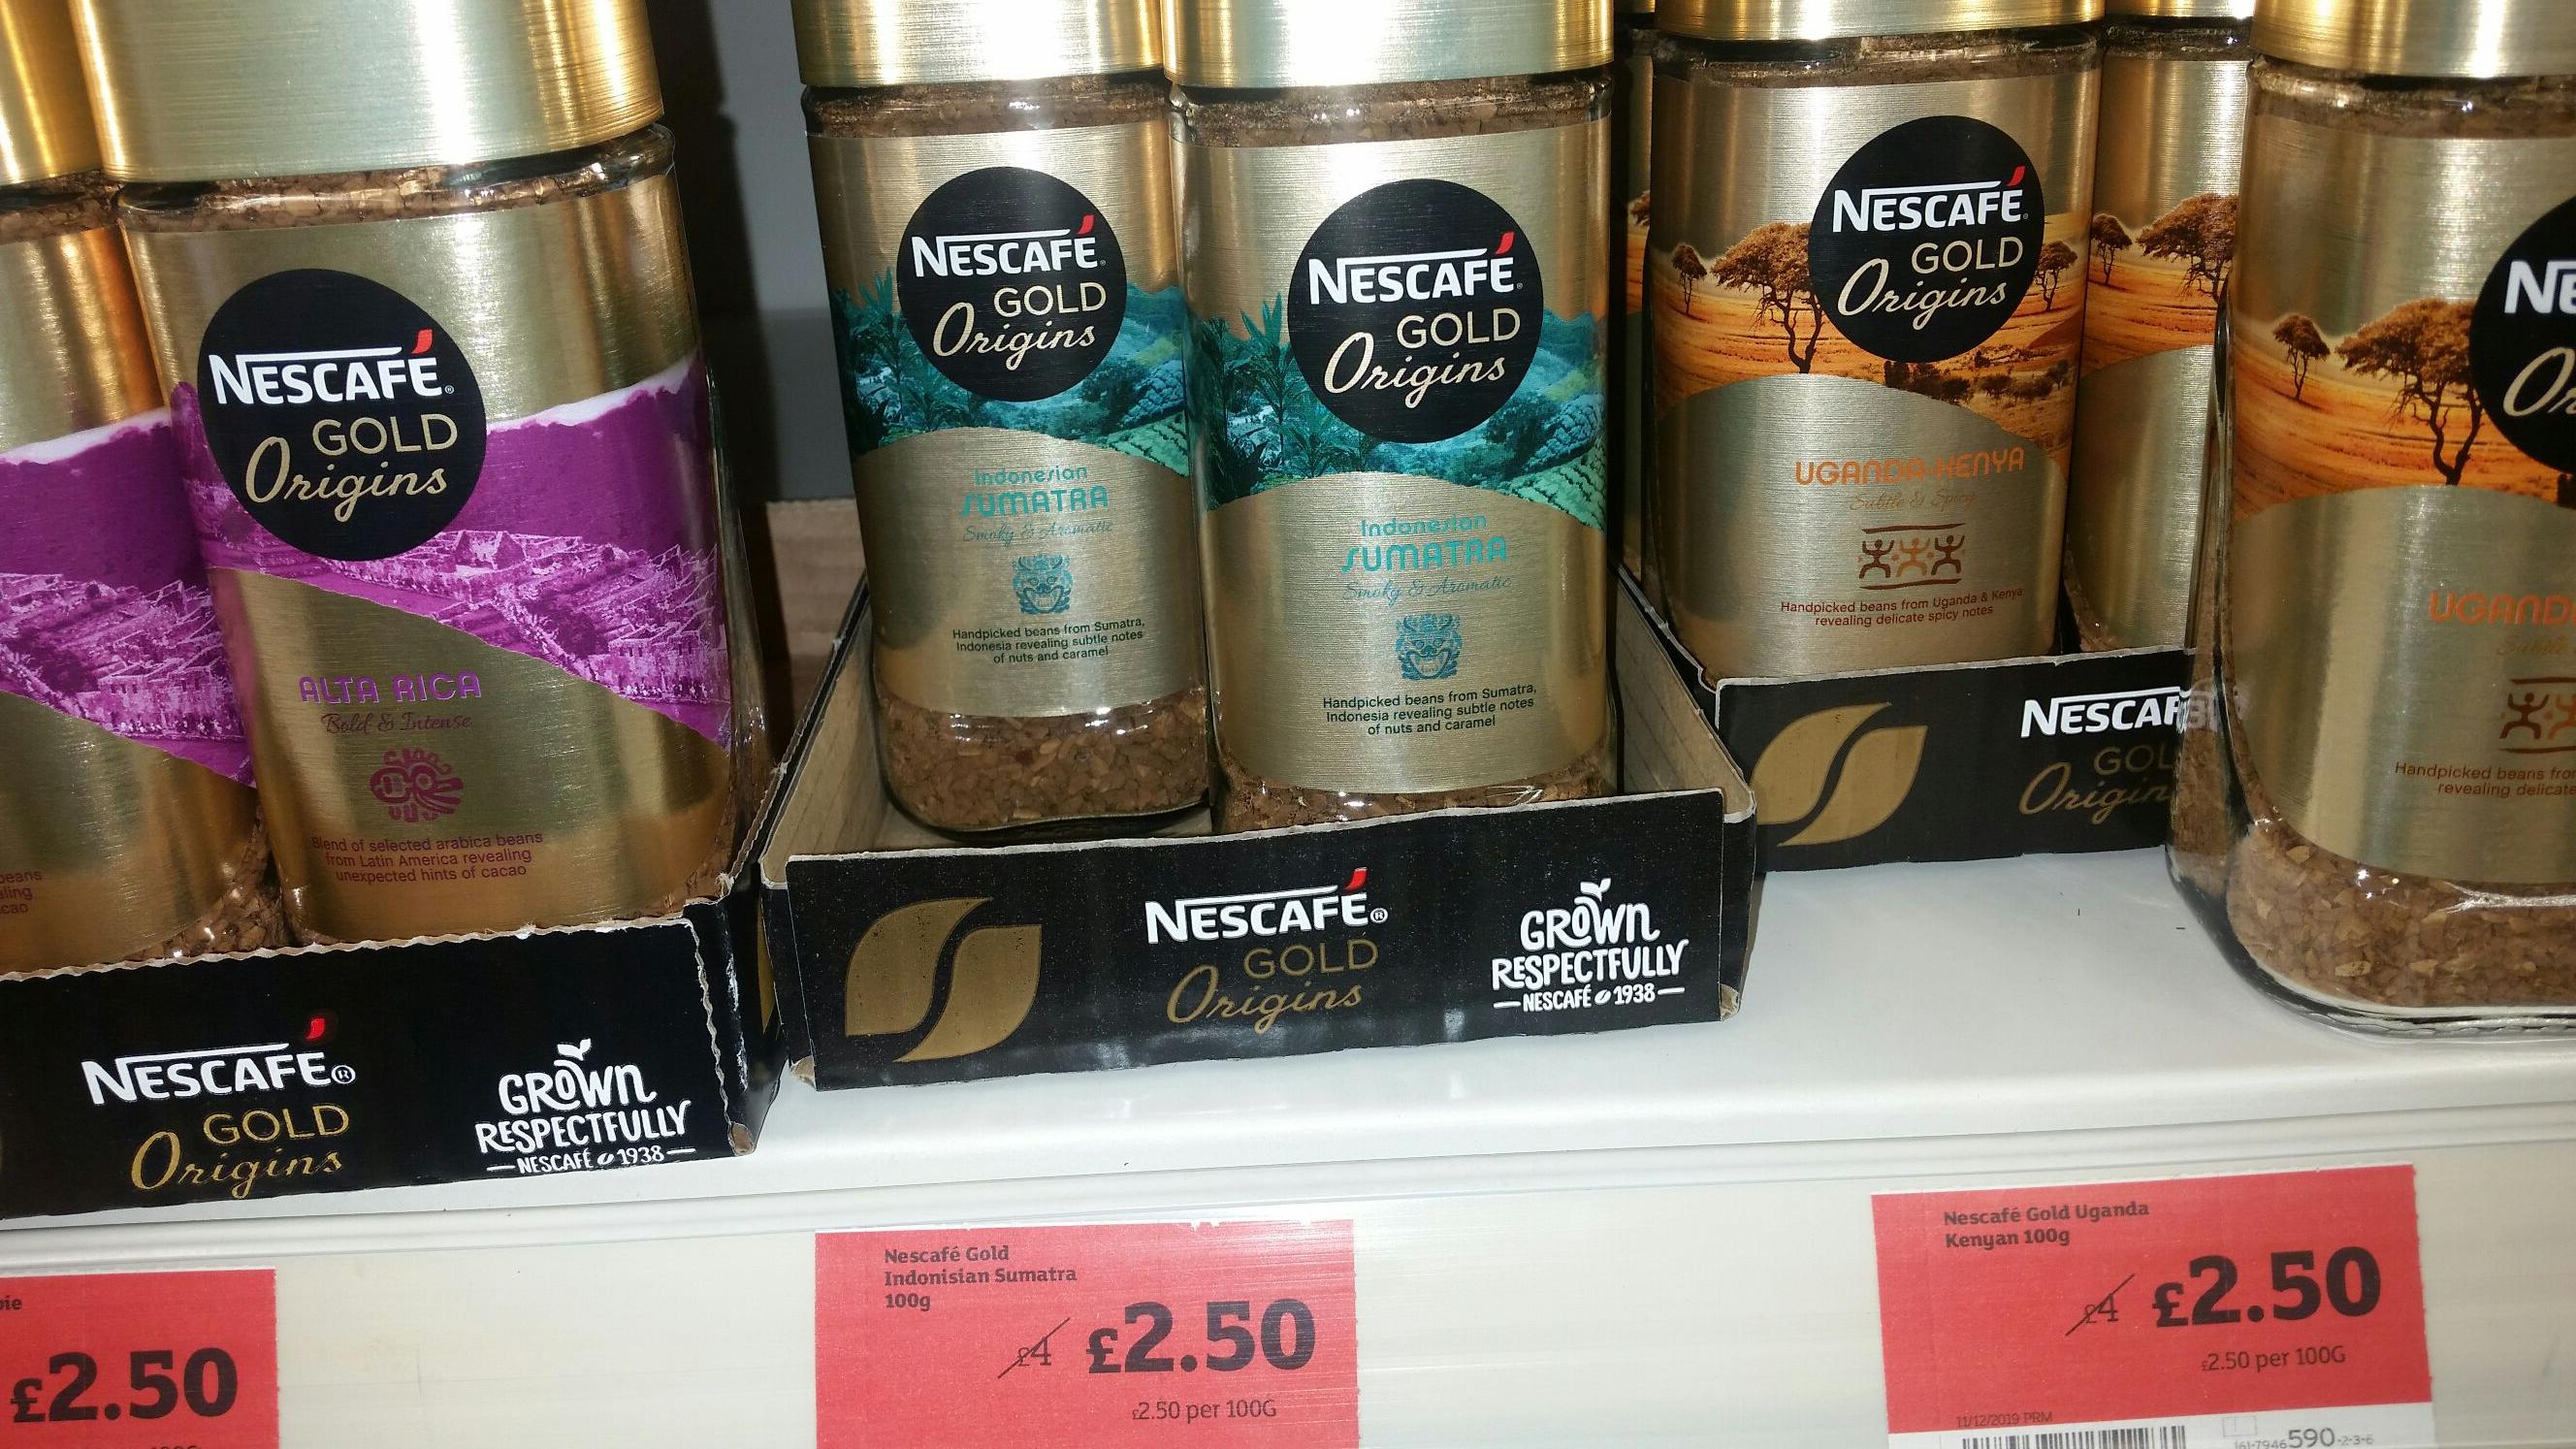 Nescafe origins 100grms - £2.50 instore and online @ Sainsbury's